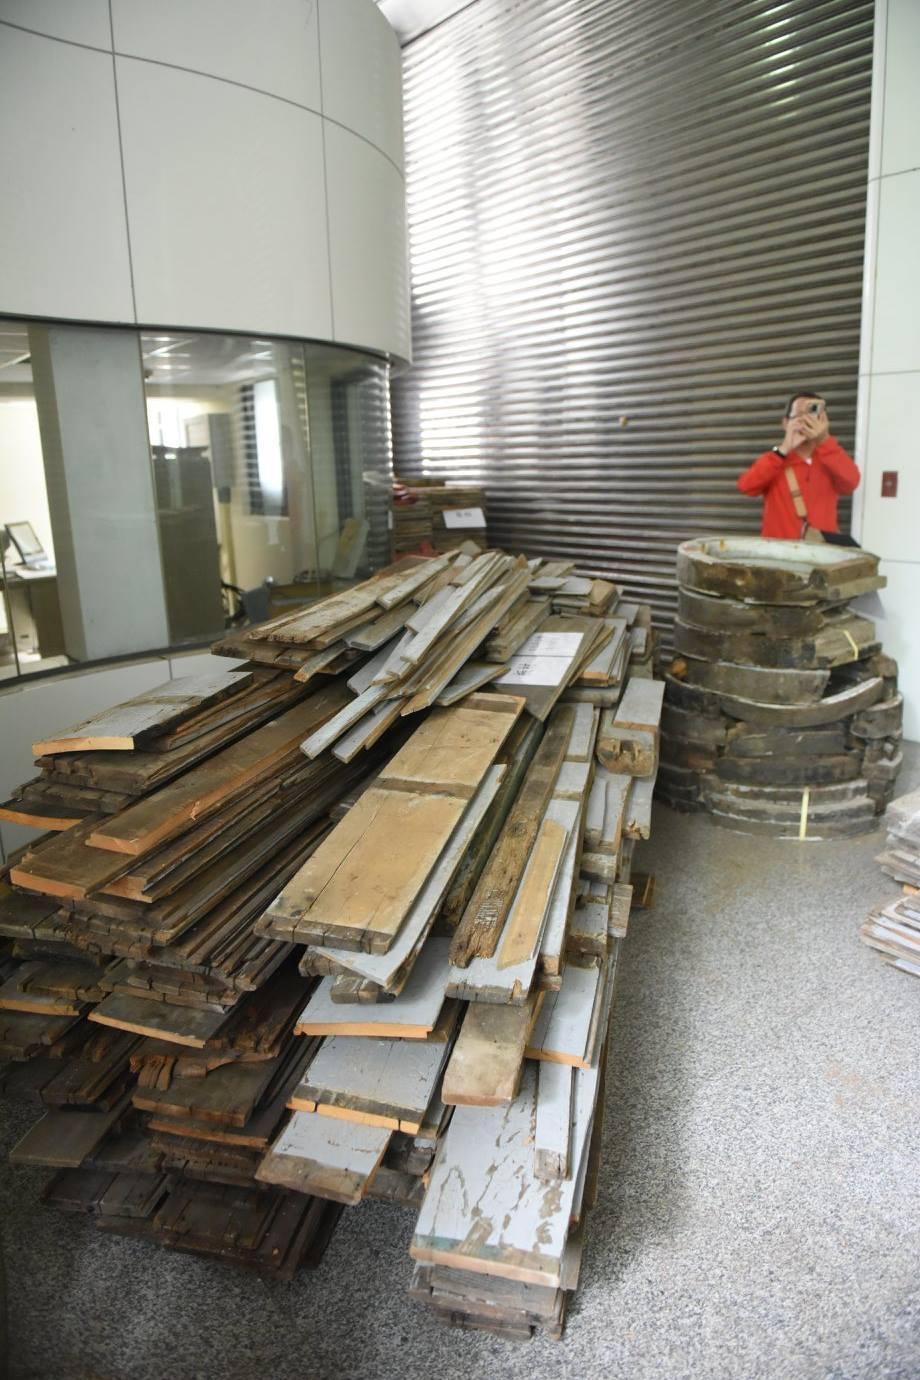 文史工作者蕭文杰在臉書張貼多張照片,表示這批老原件有部分毀損,但看起來很多料完整...